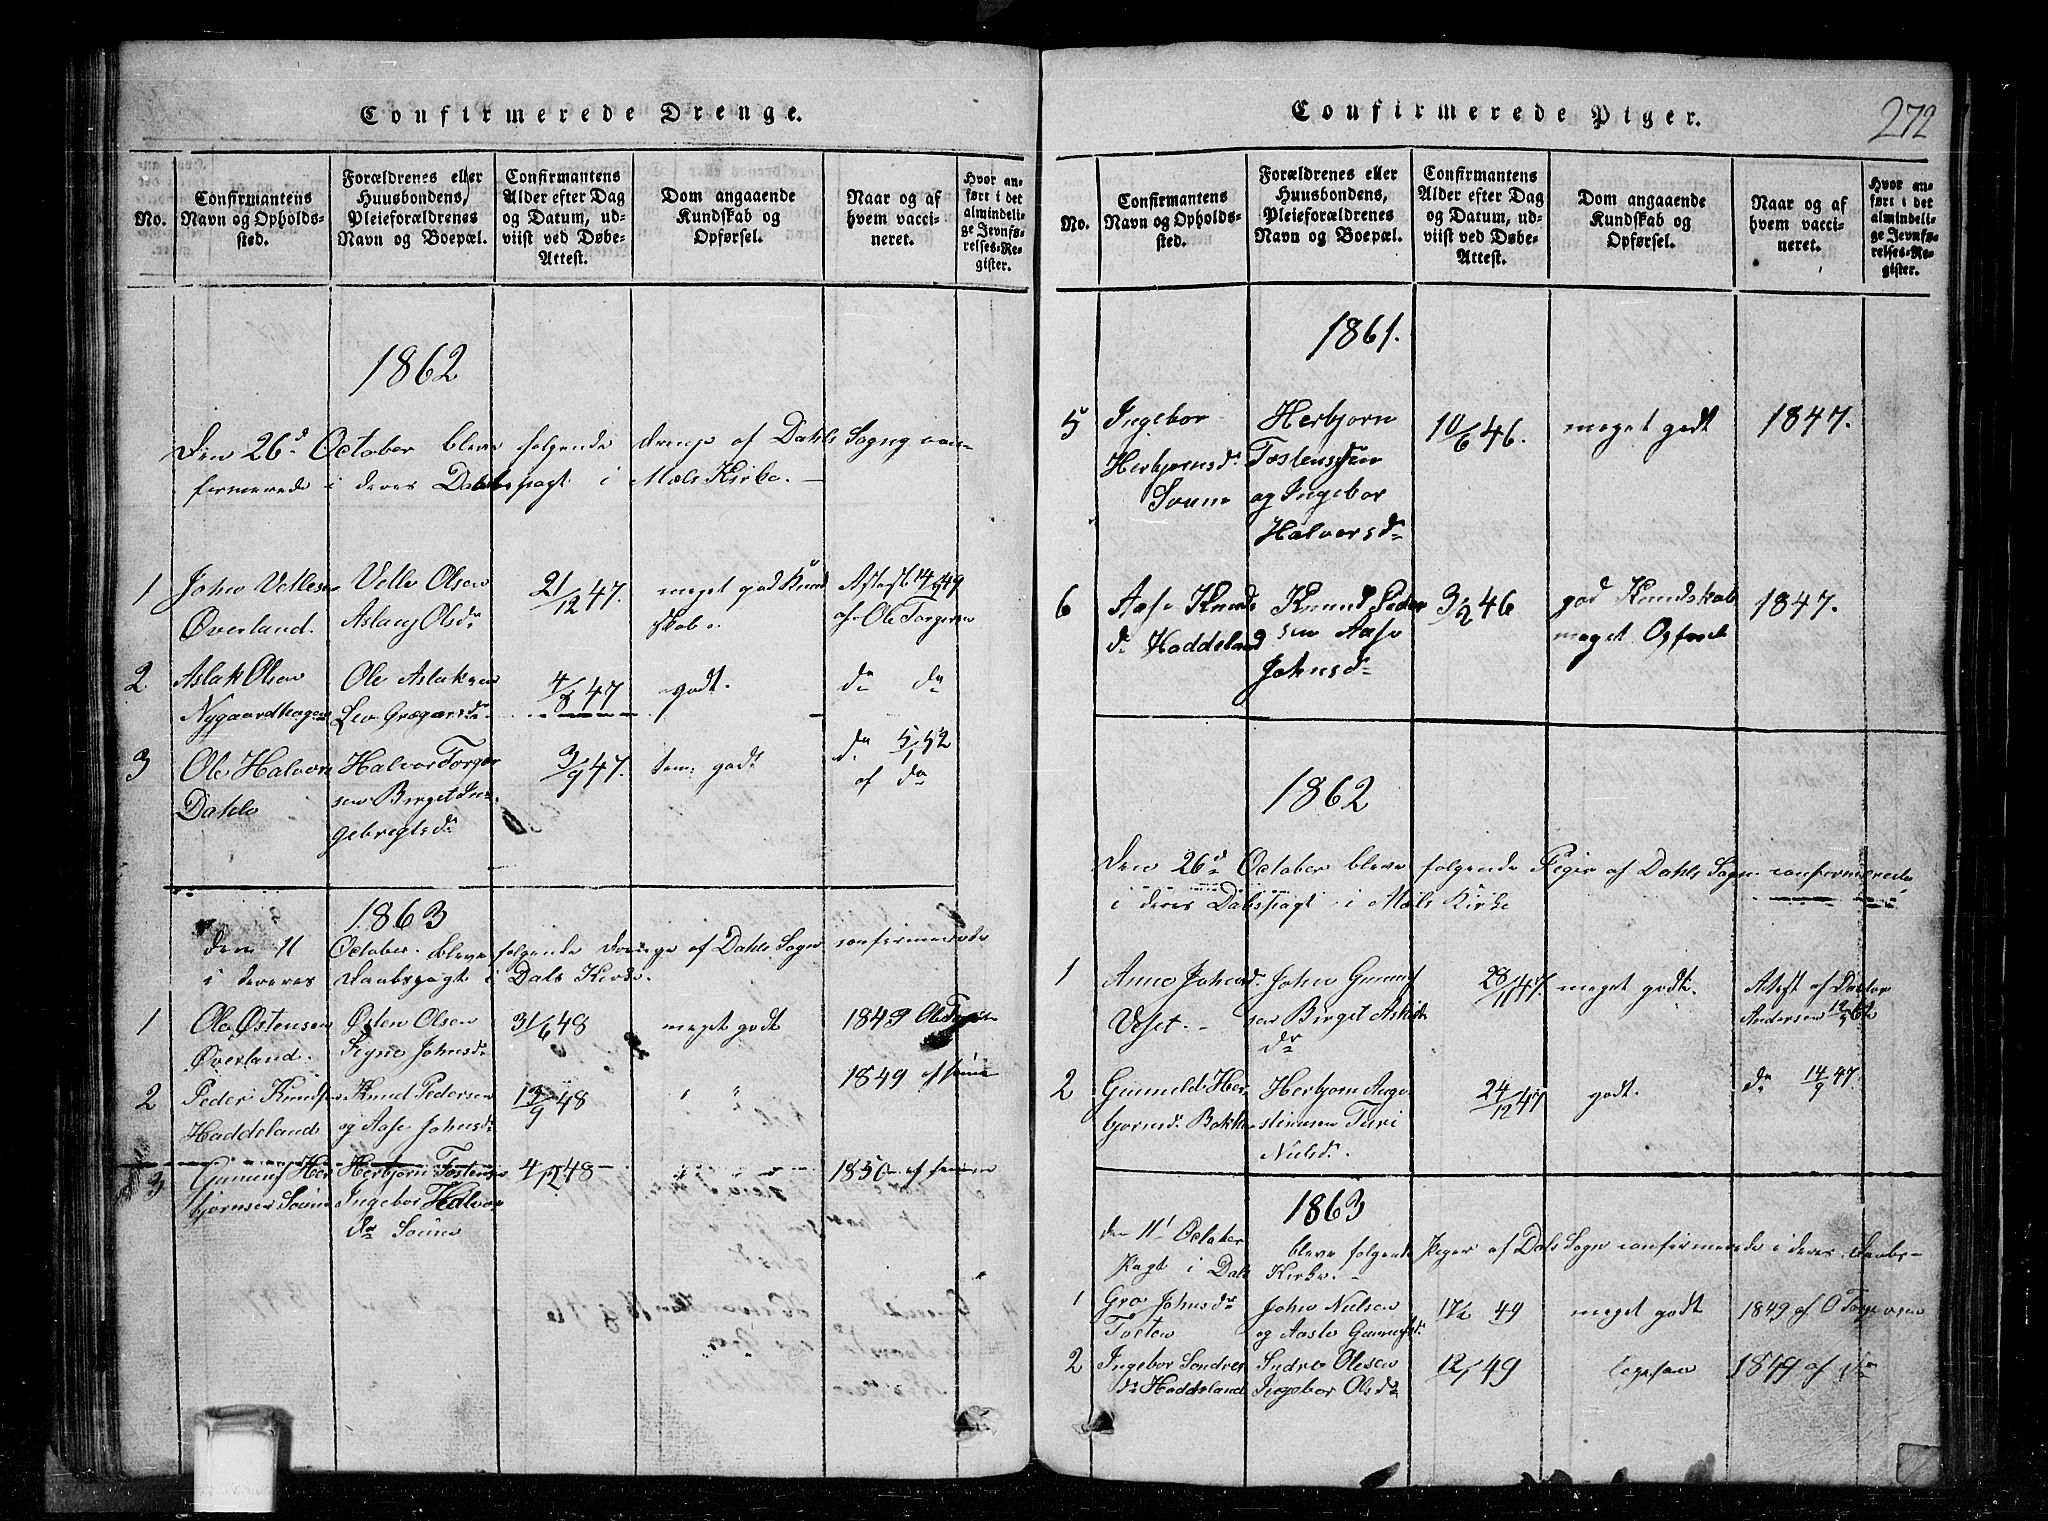 SAKO, Tinn kirkebøker, G/Gc/L0001: Klokkerbok nr. III 1, 1815-1879, s. 272